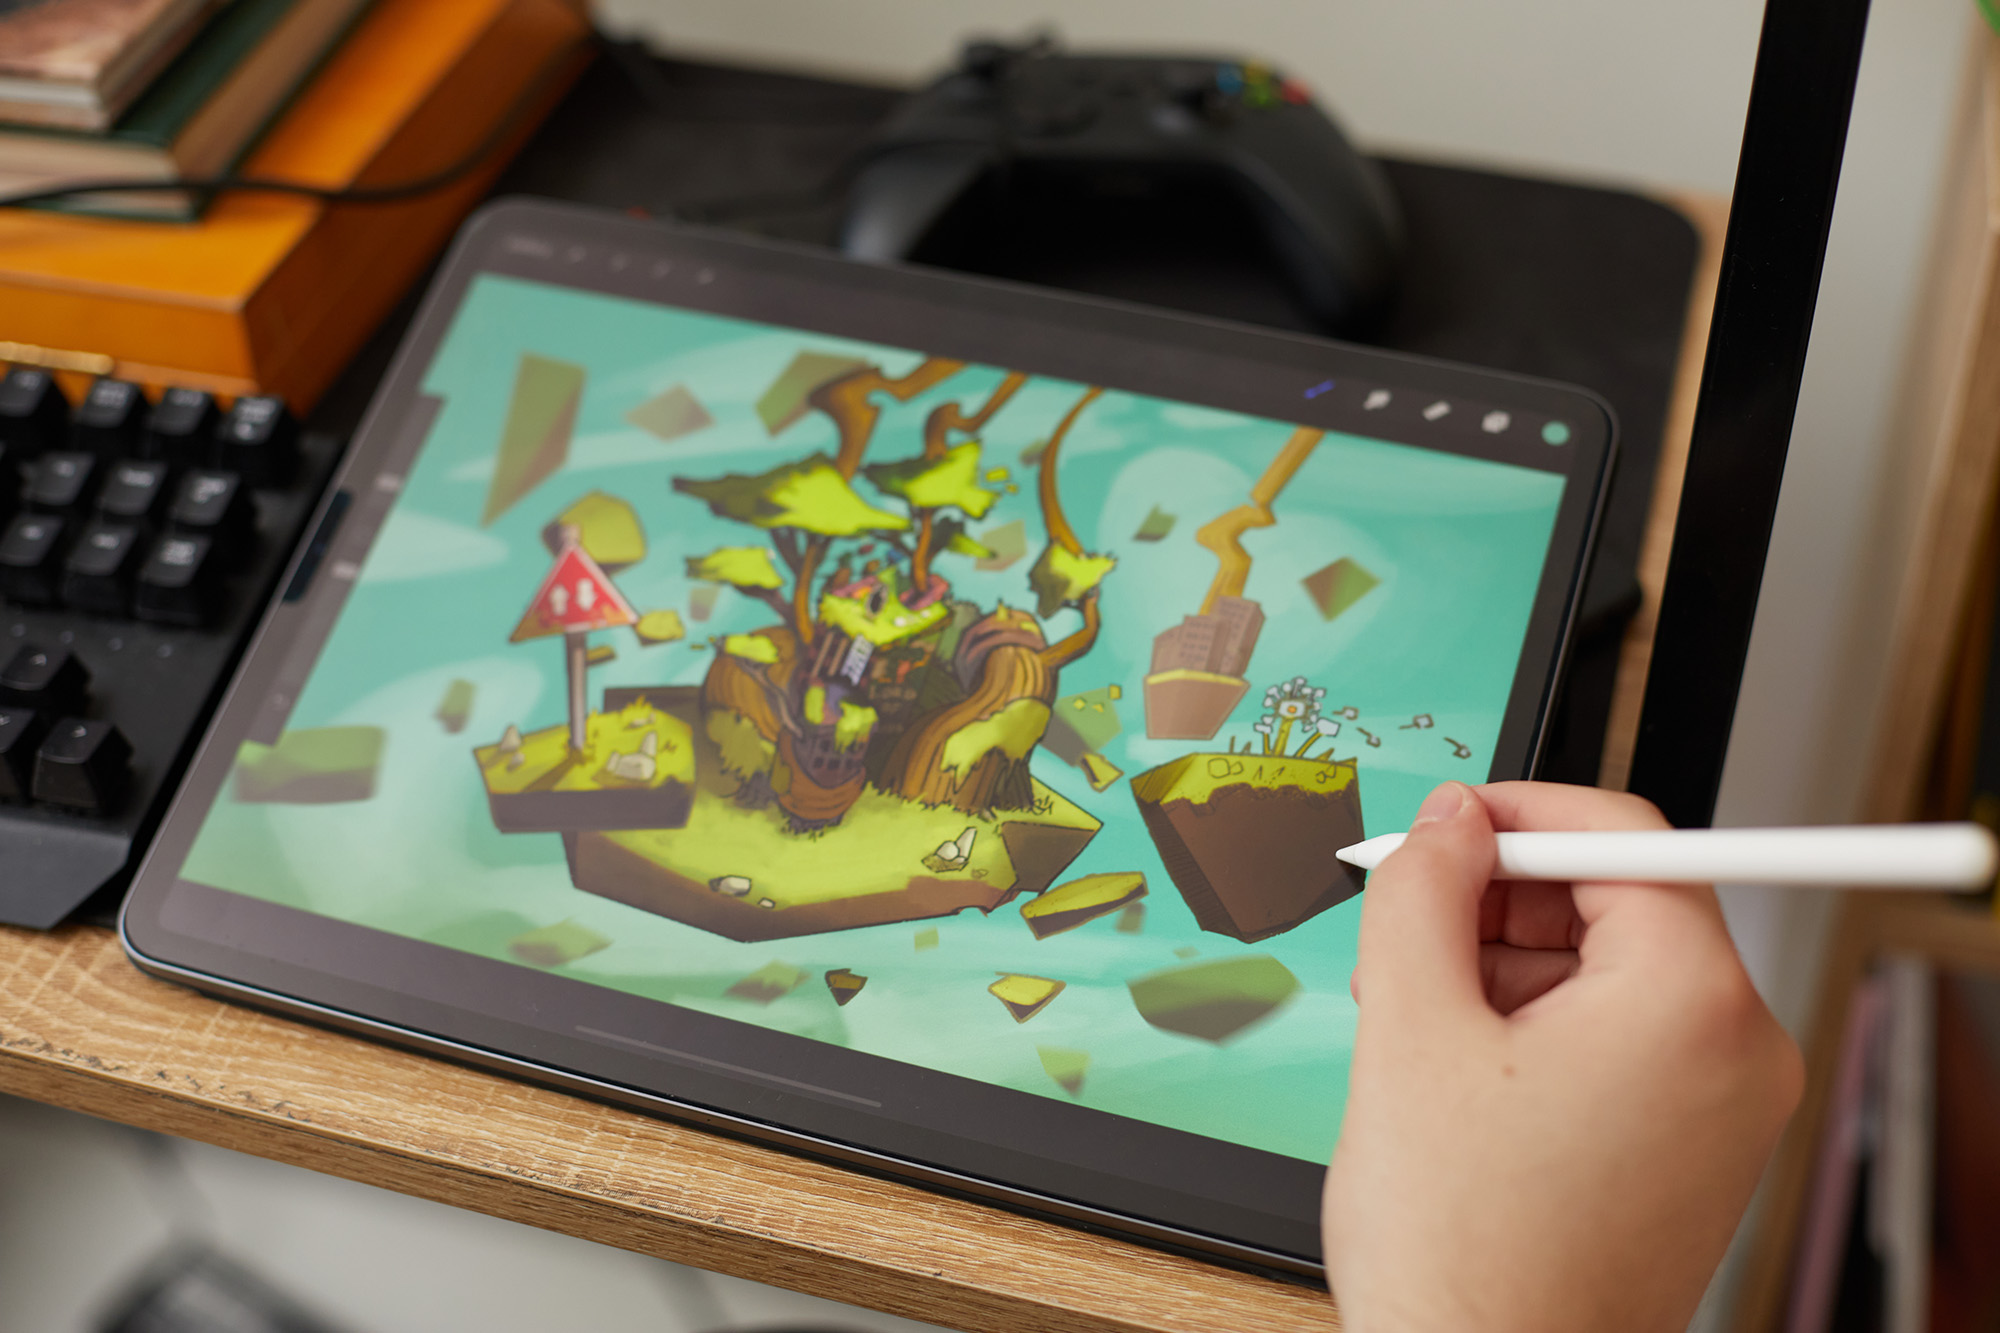 iPad work